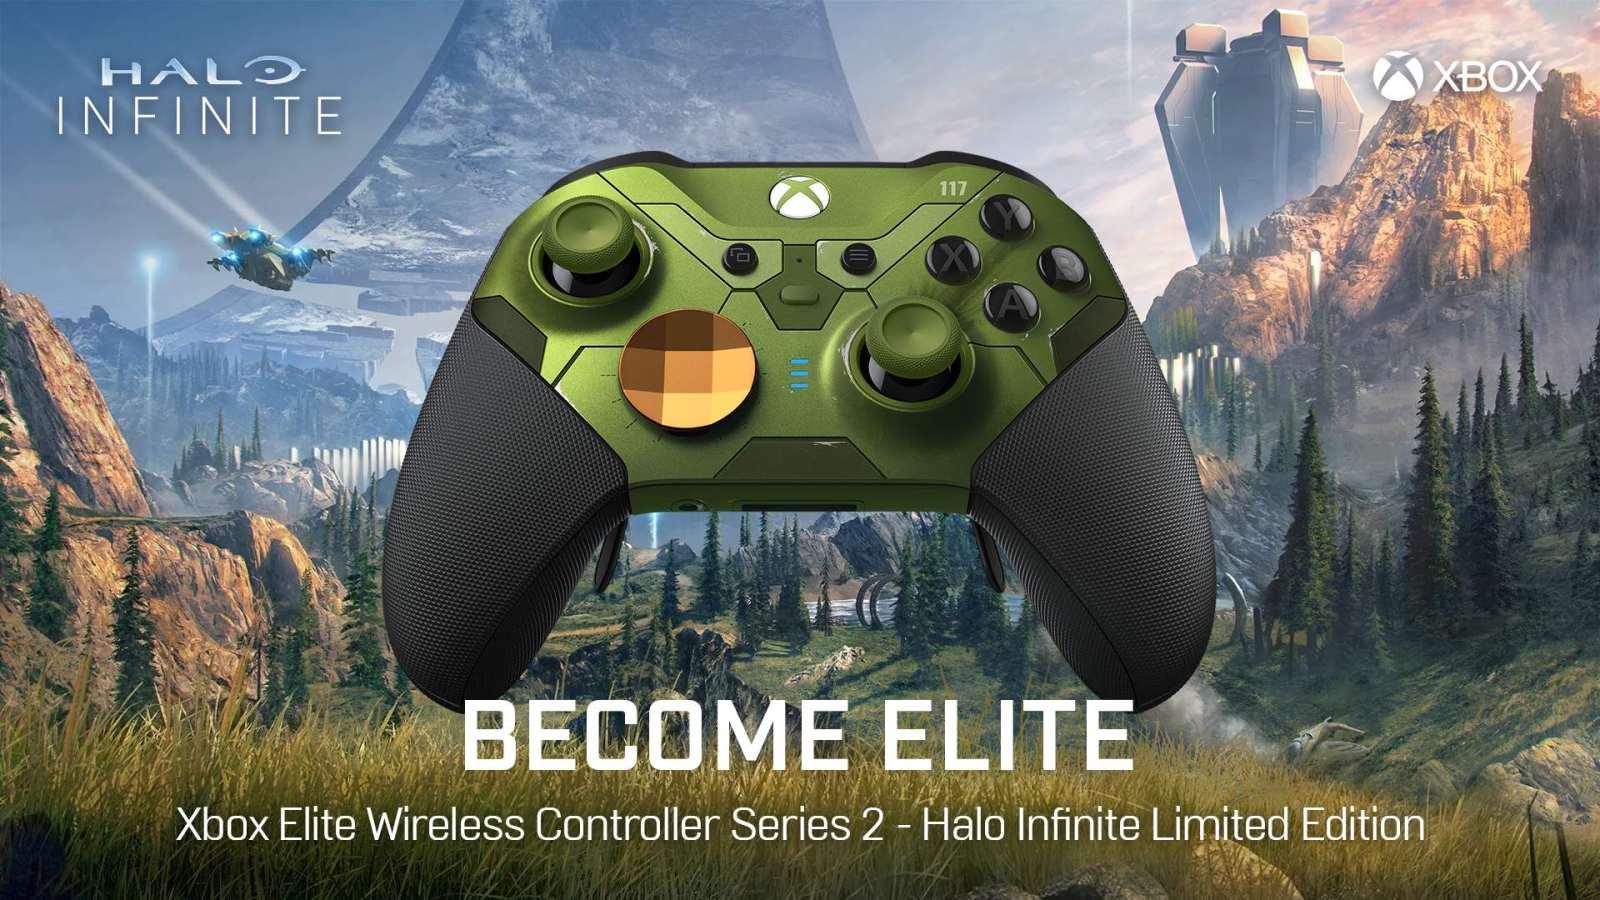 国行版Xbox《光环:无限》精英无线控制器二代将于11月15日正式发售